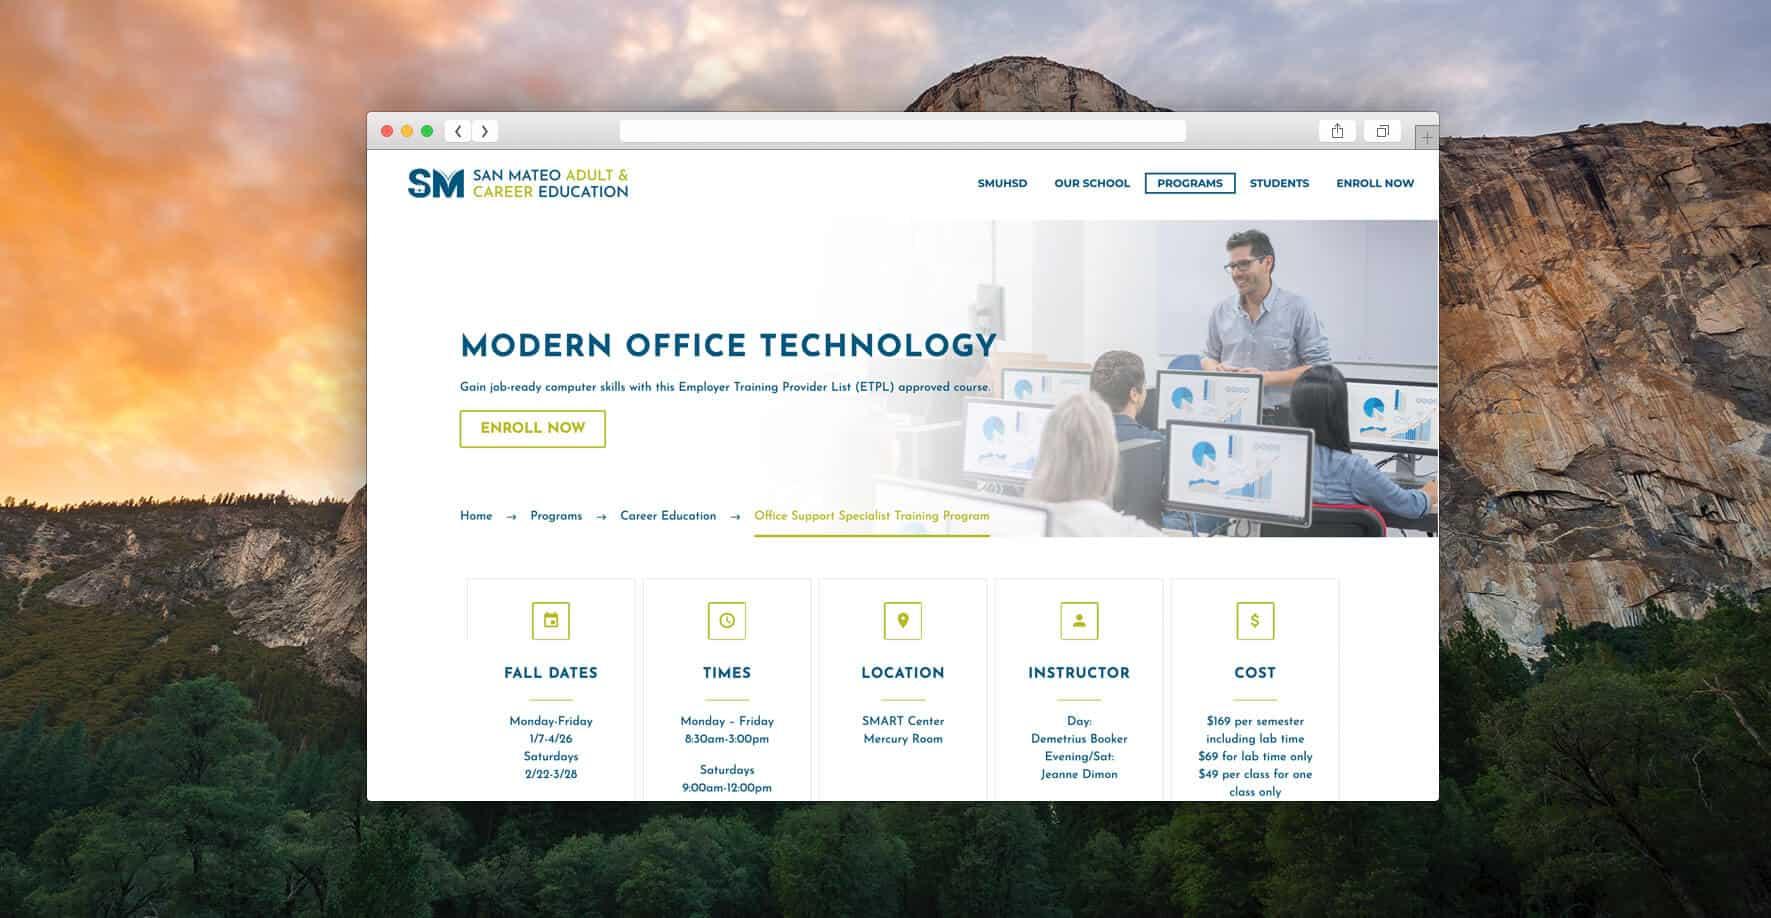 San Mateo Adult & Career Education Safari Mockup